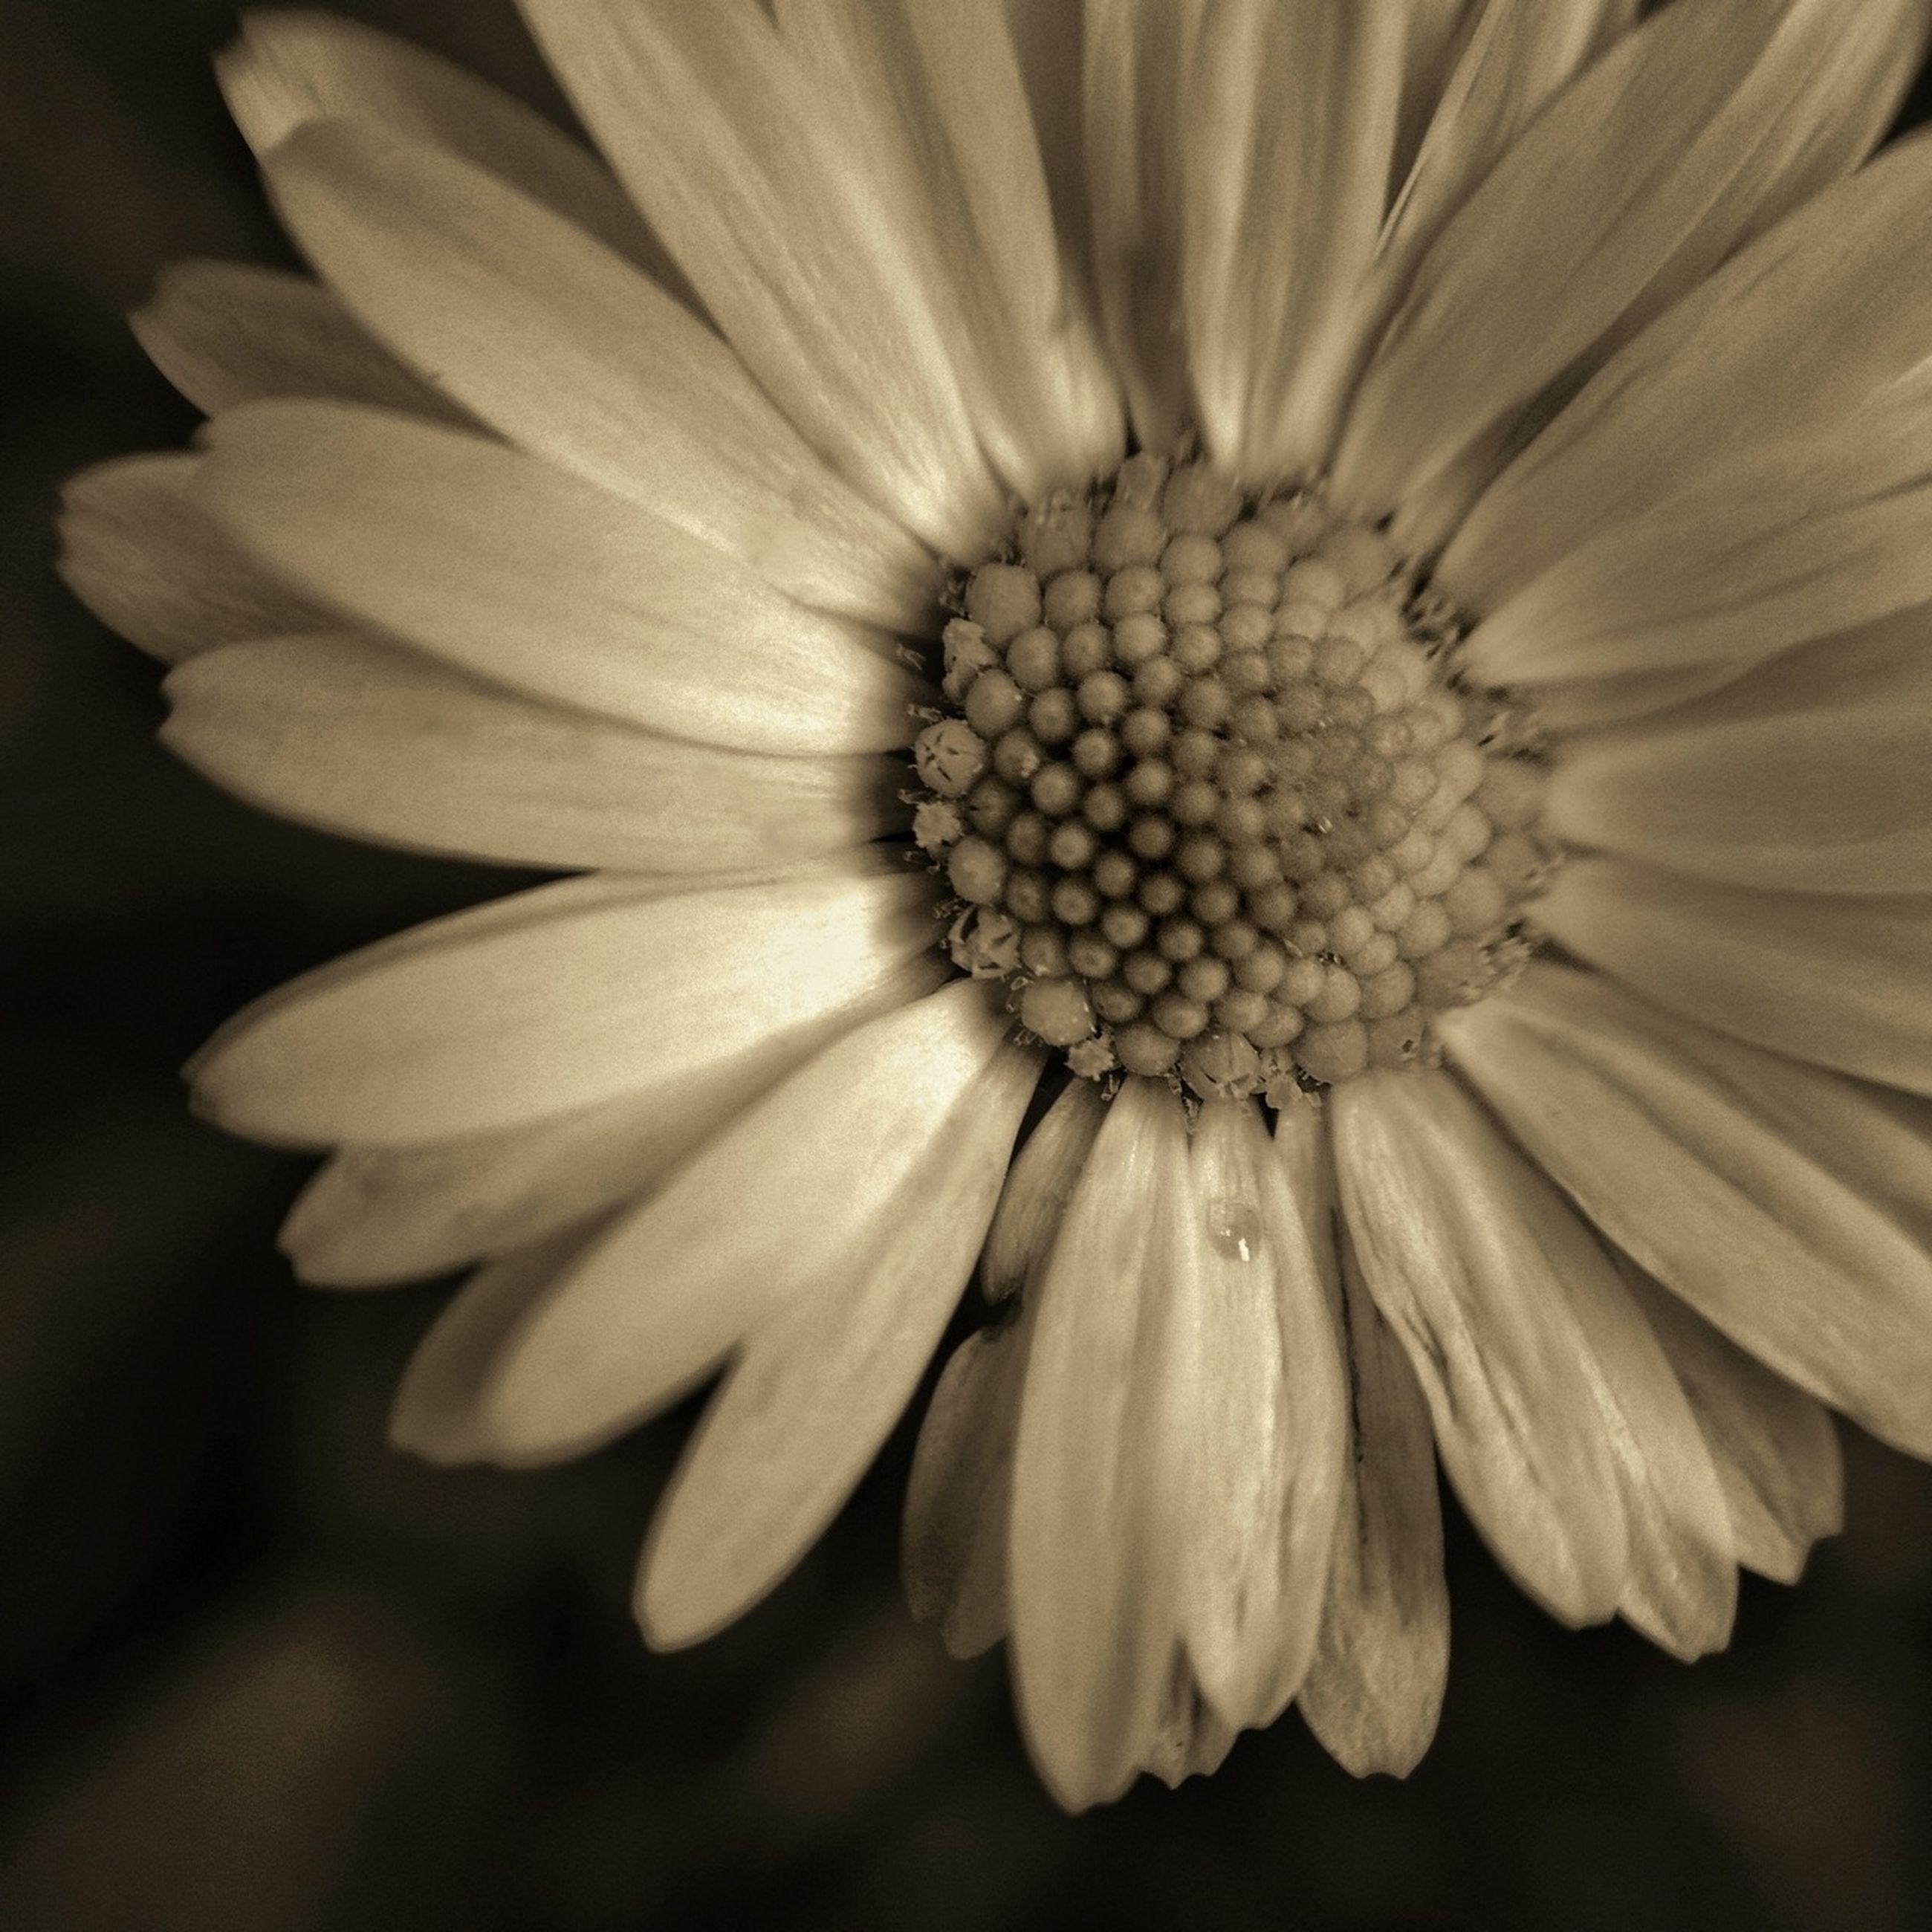 Close up of daisy